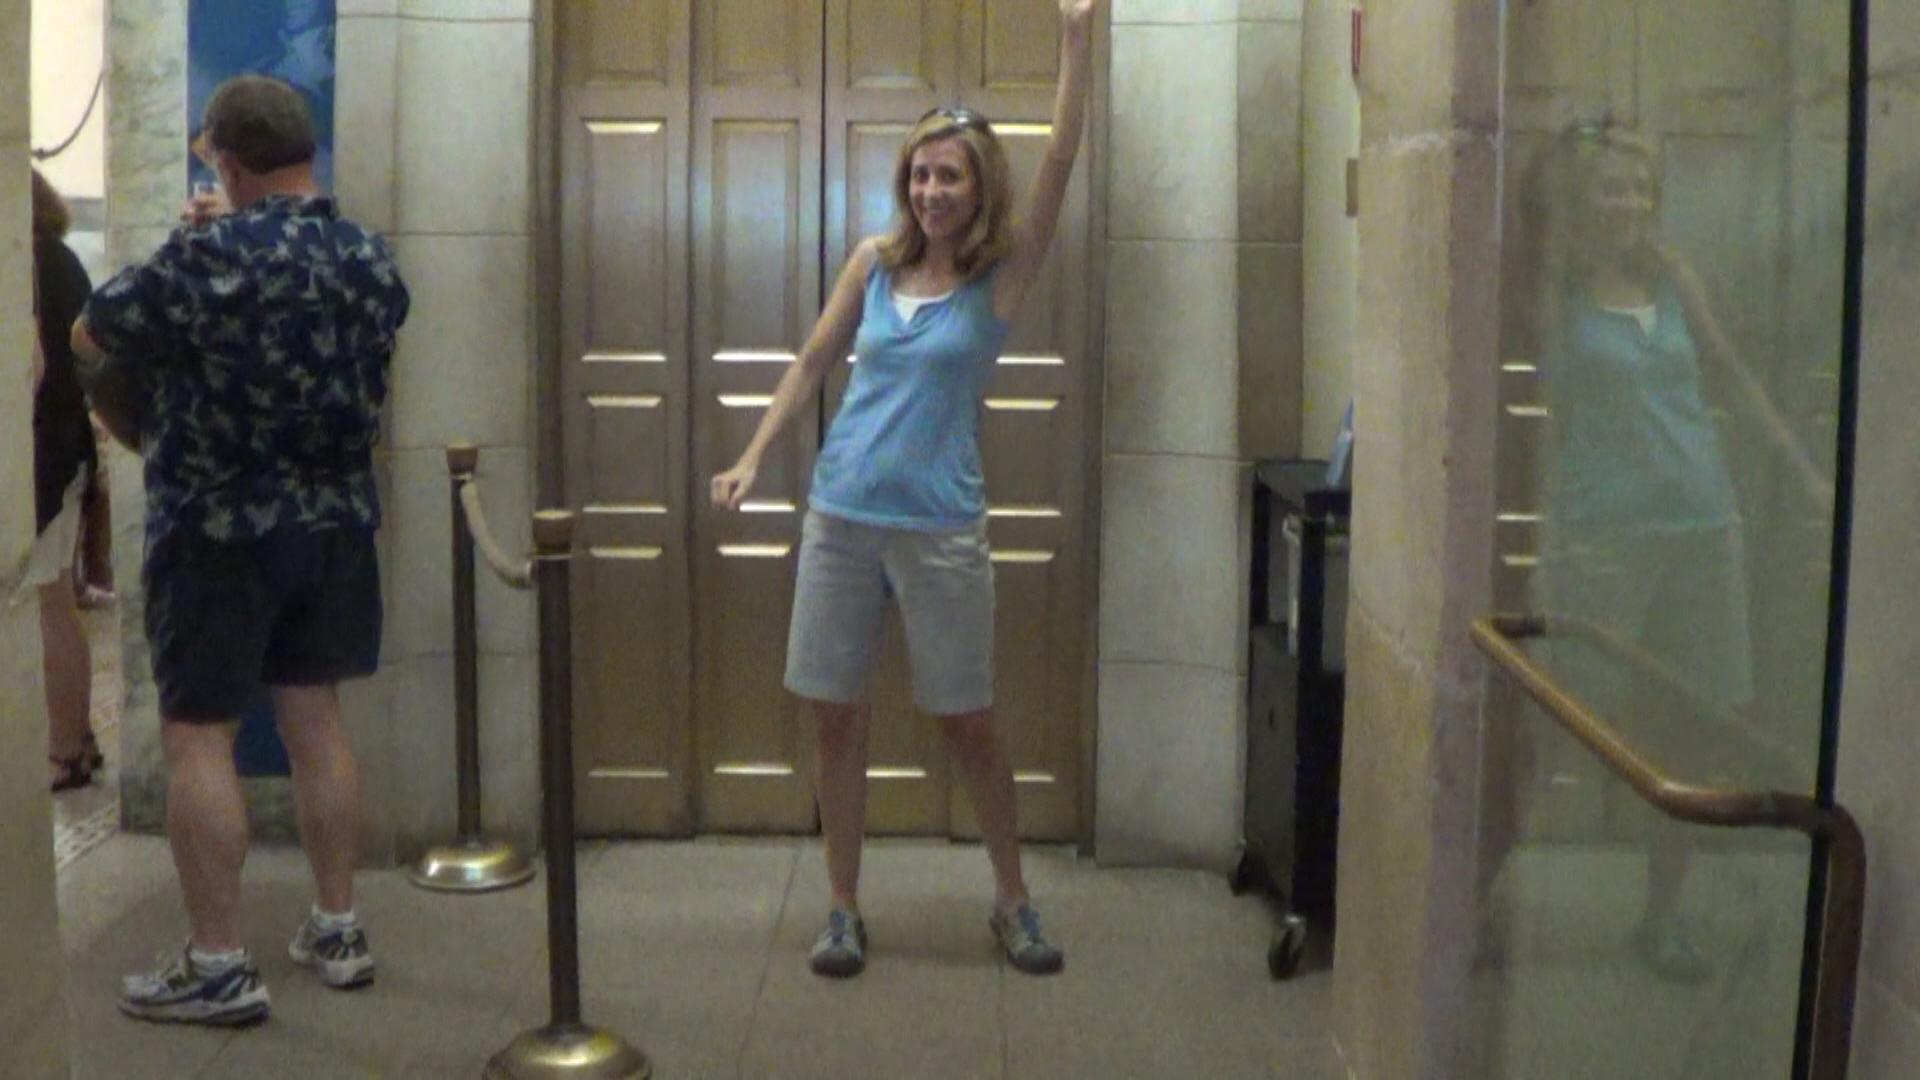 31 - Washington Monument Elevator